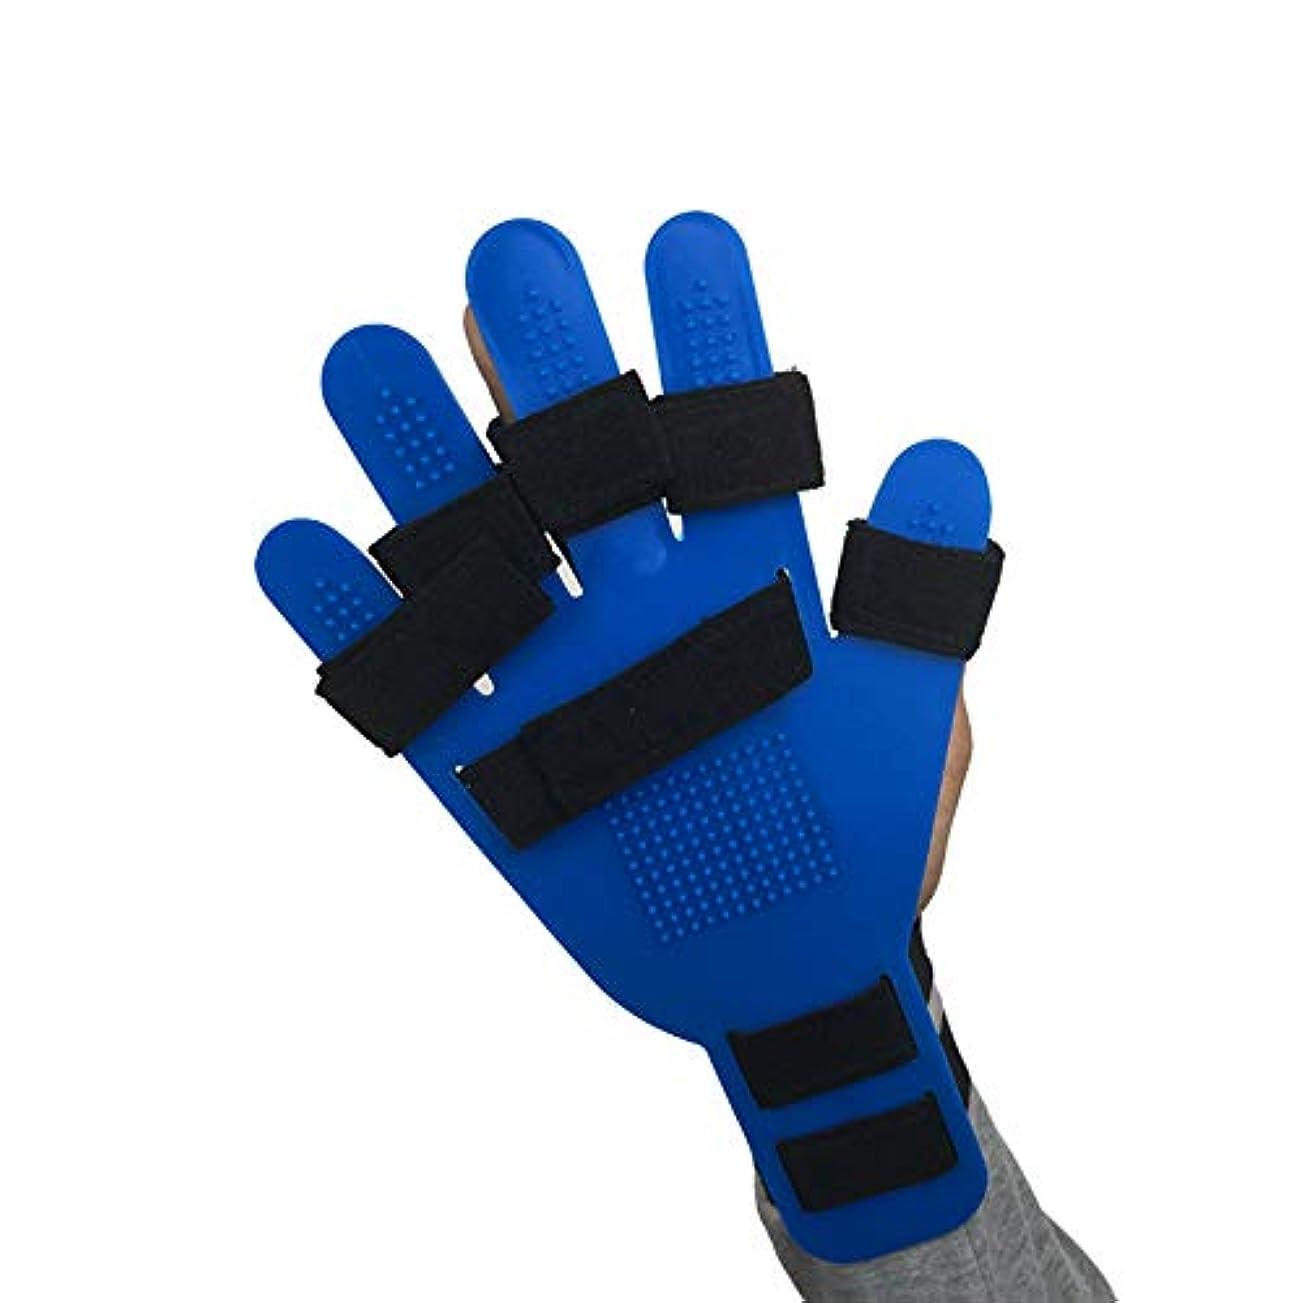 夢中正直君主制5本指のセパレータは、手のひらに合うように曲げることができ、指のカーリングを軽減するために使用できます。